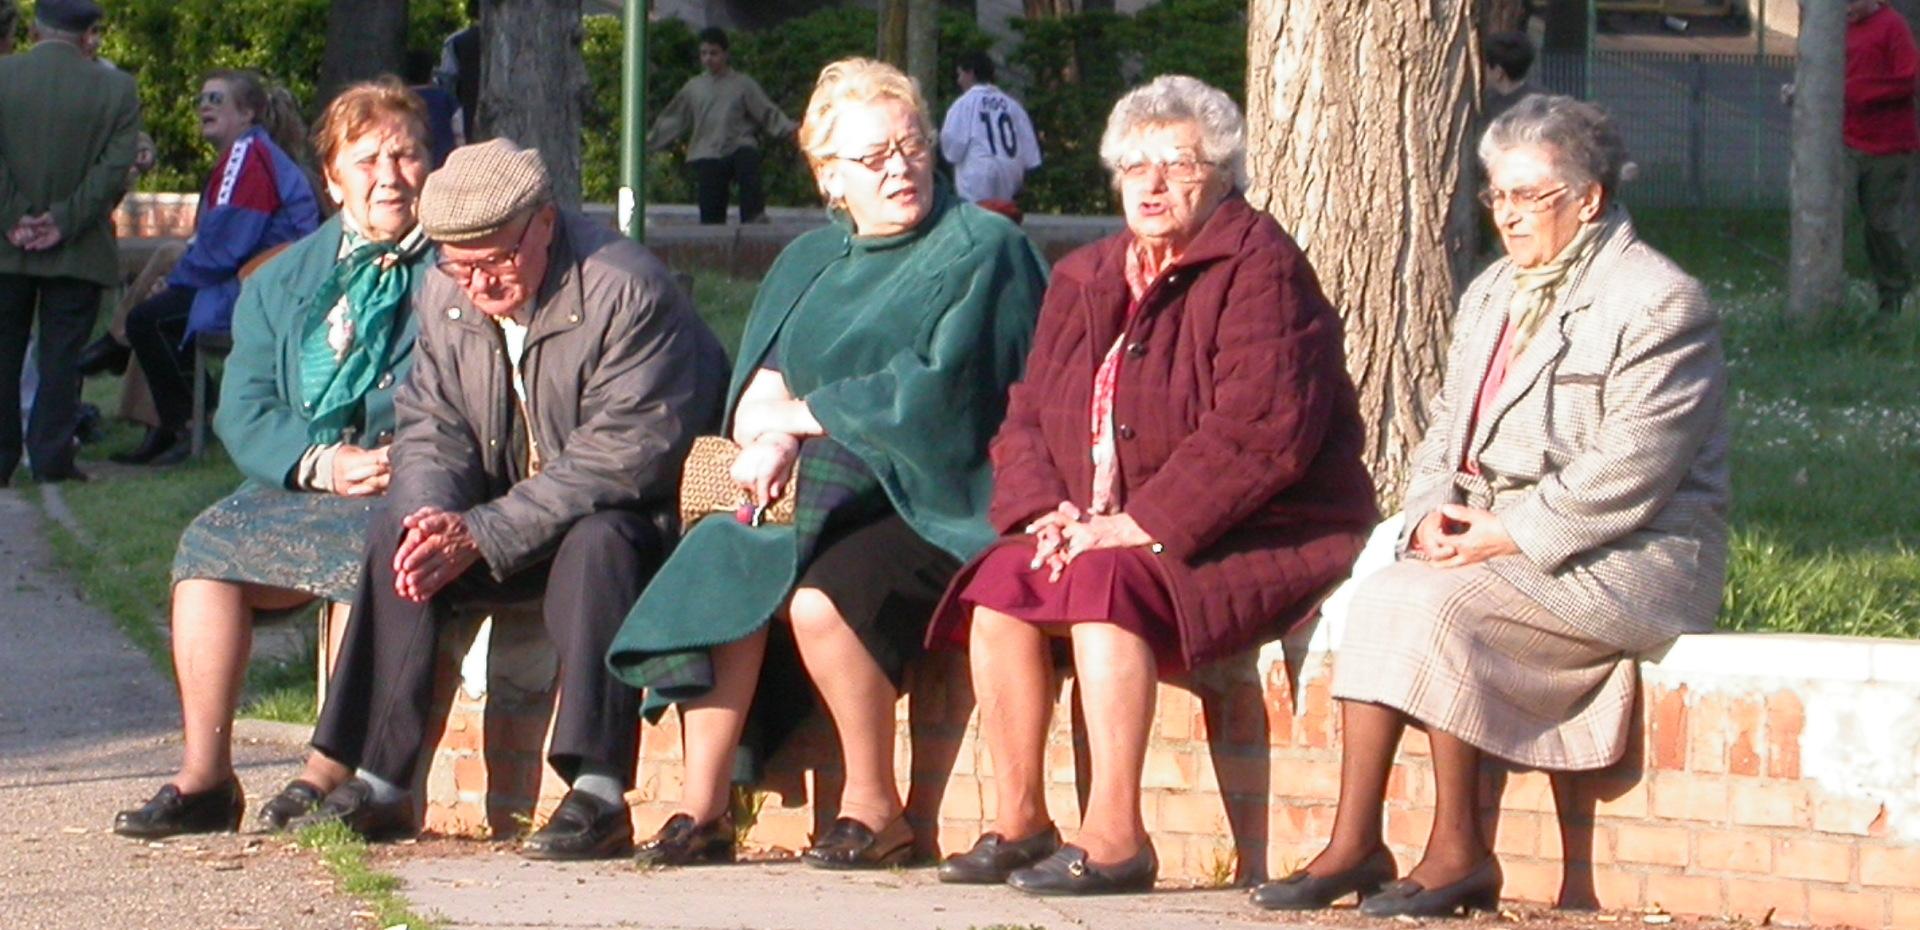 Anziani seduti all'aperto - Archivio Città metropolitana di Bologna